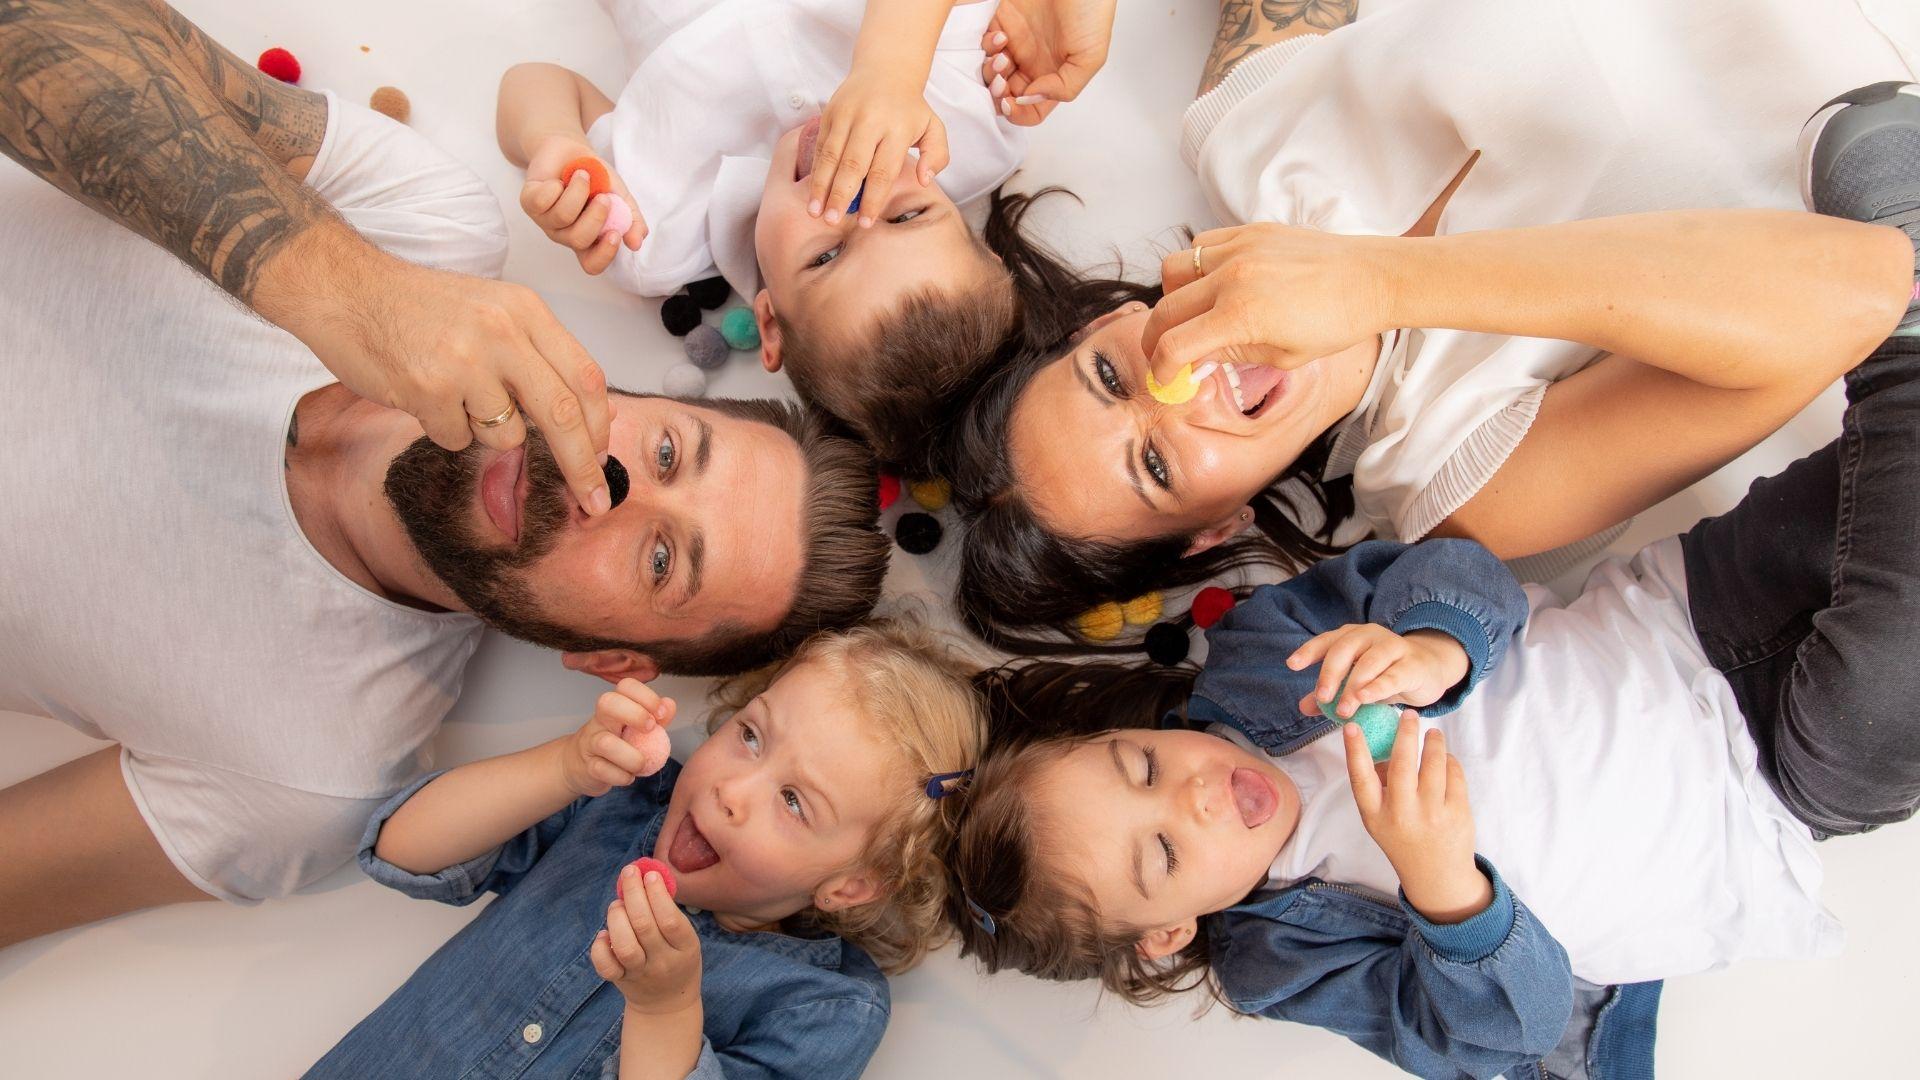 Unvergessliche Fotos und jede Menge Spaß für die ganze Familie beim Shooting.